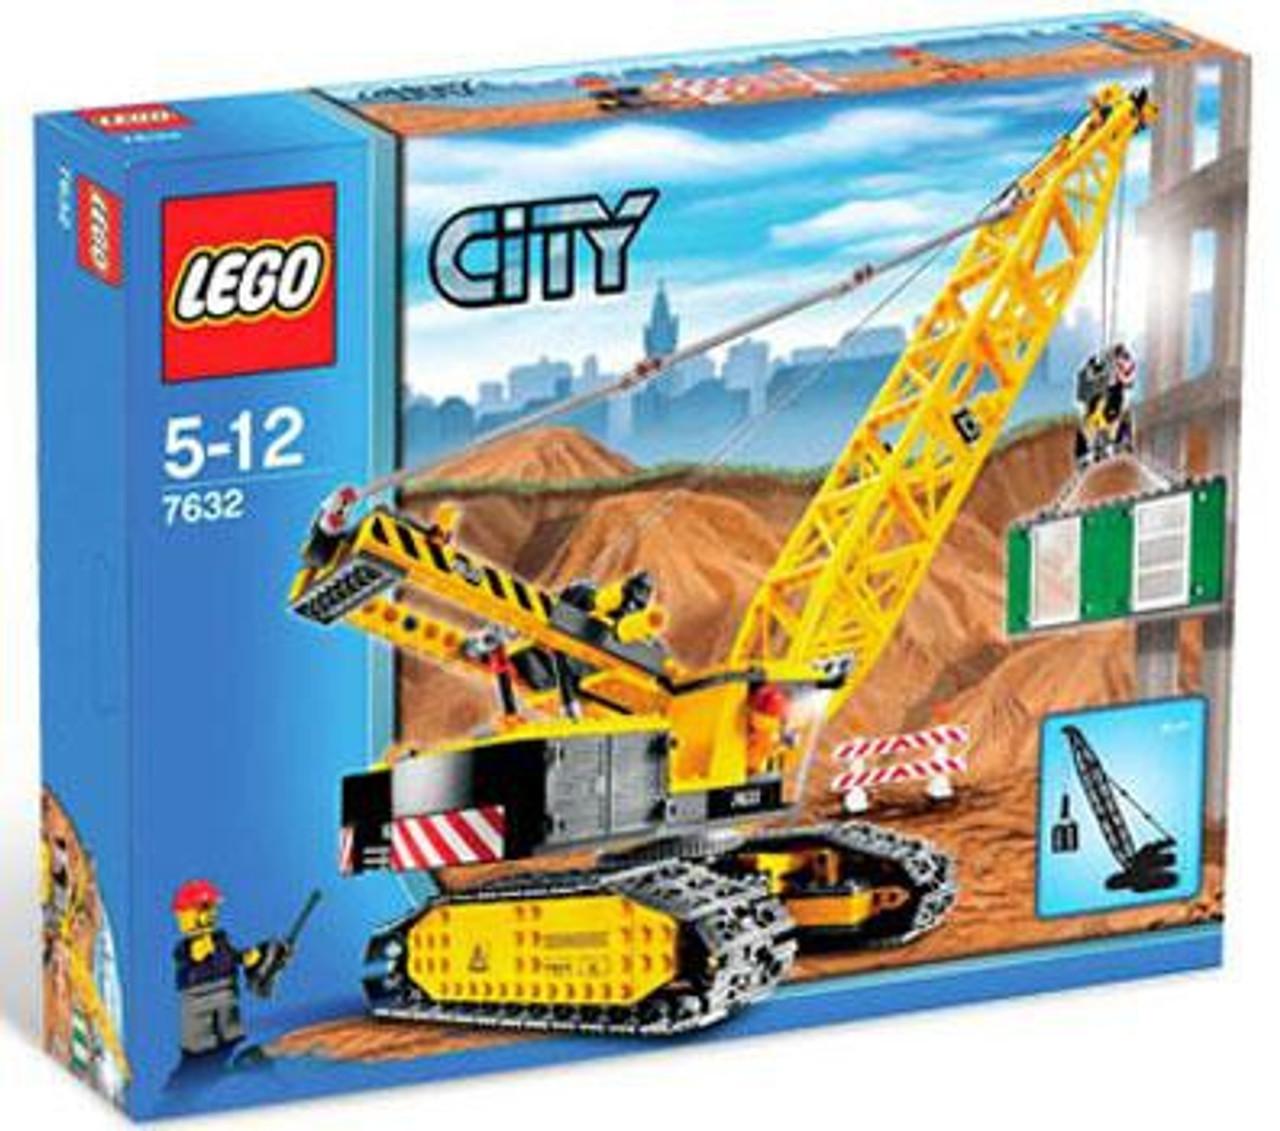 LEGO City Crawler Crane Set #7632